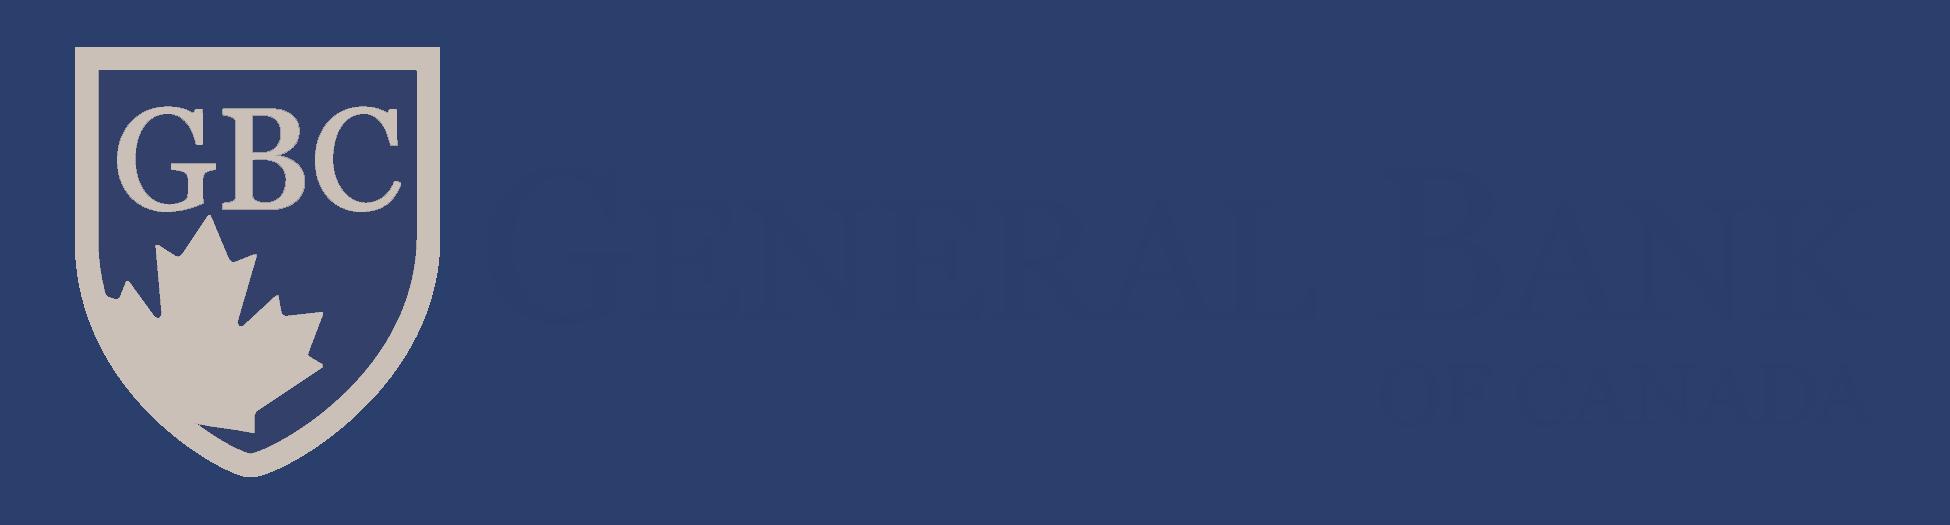 Bank Logo 5